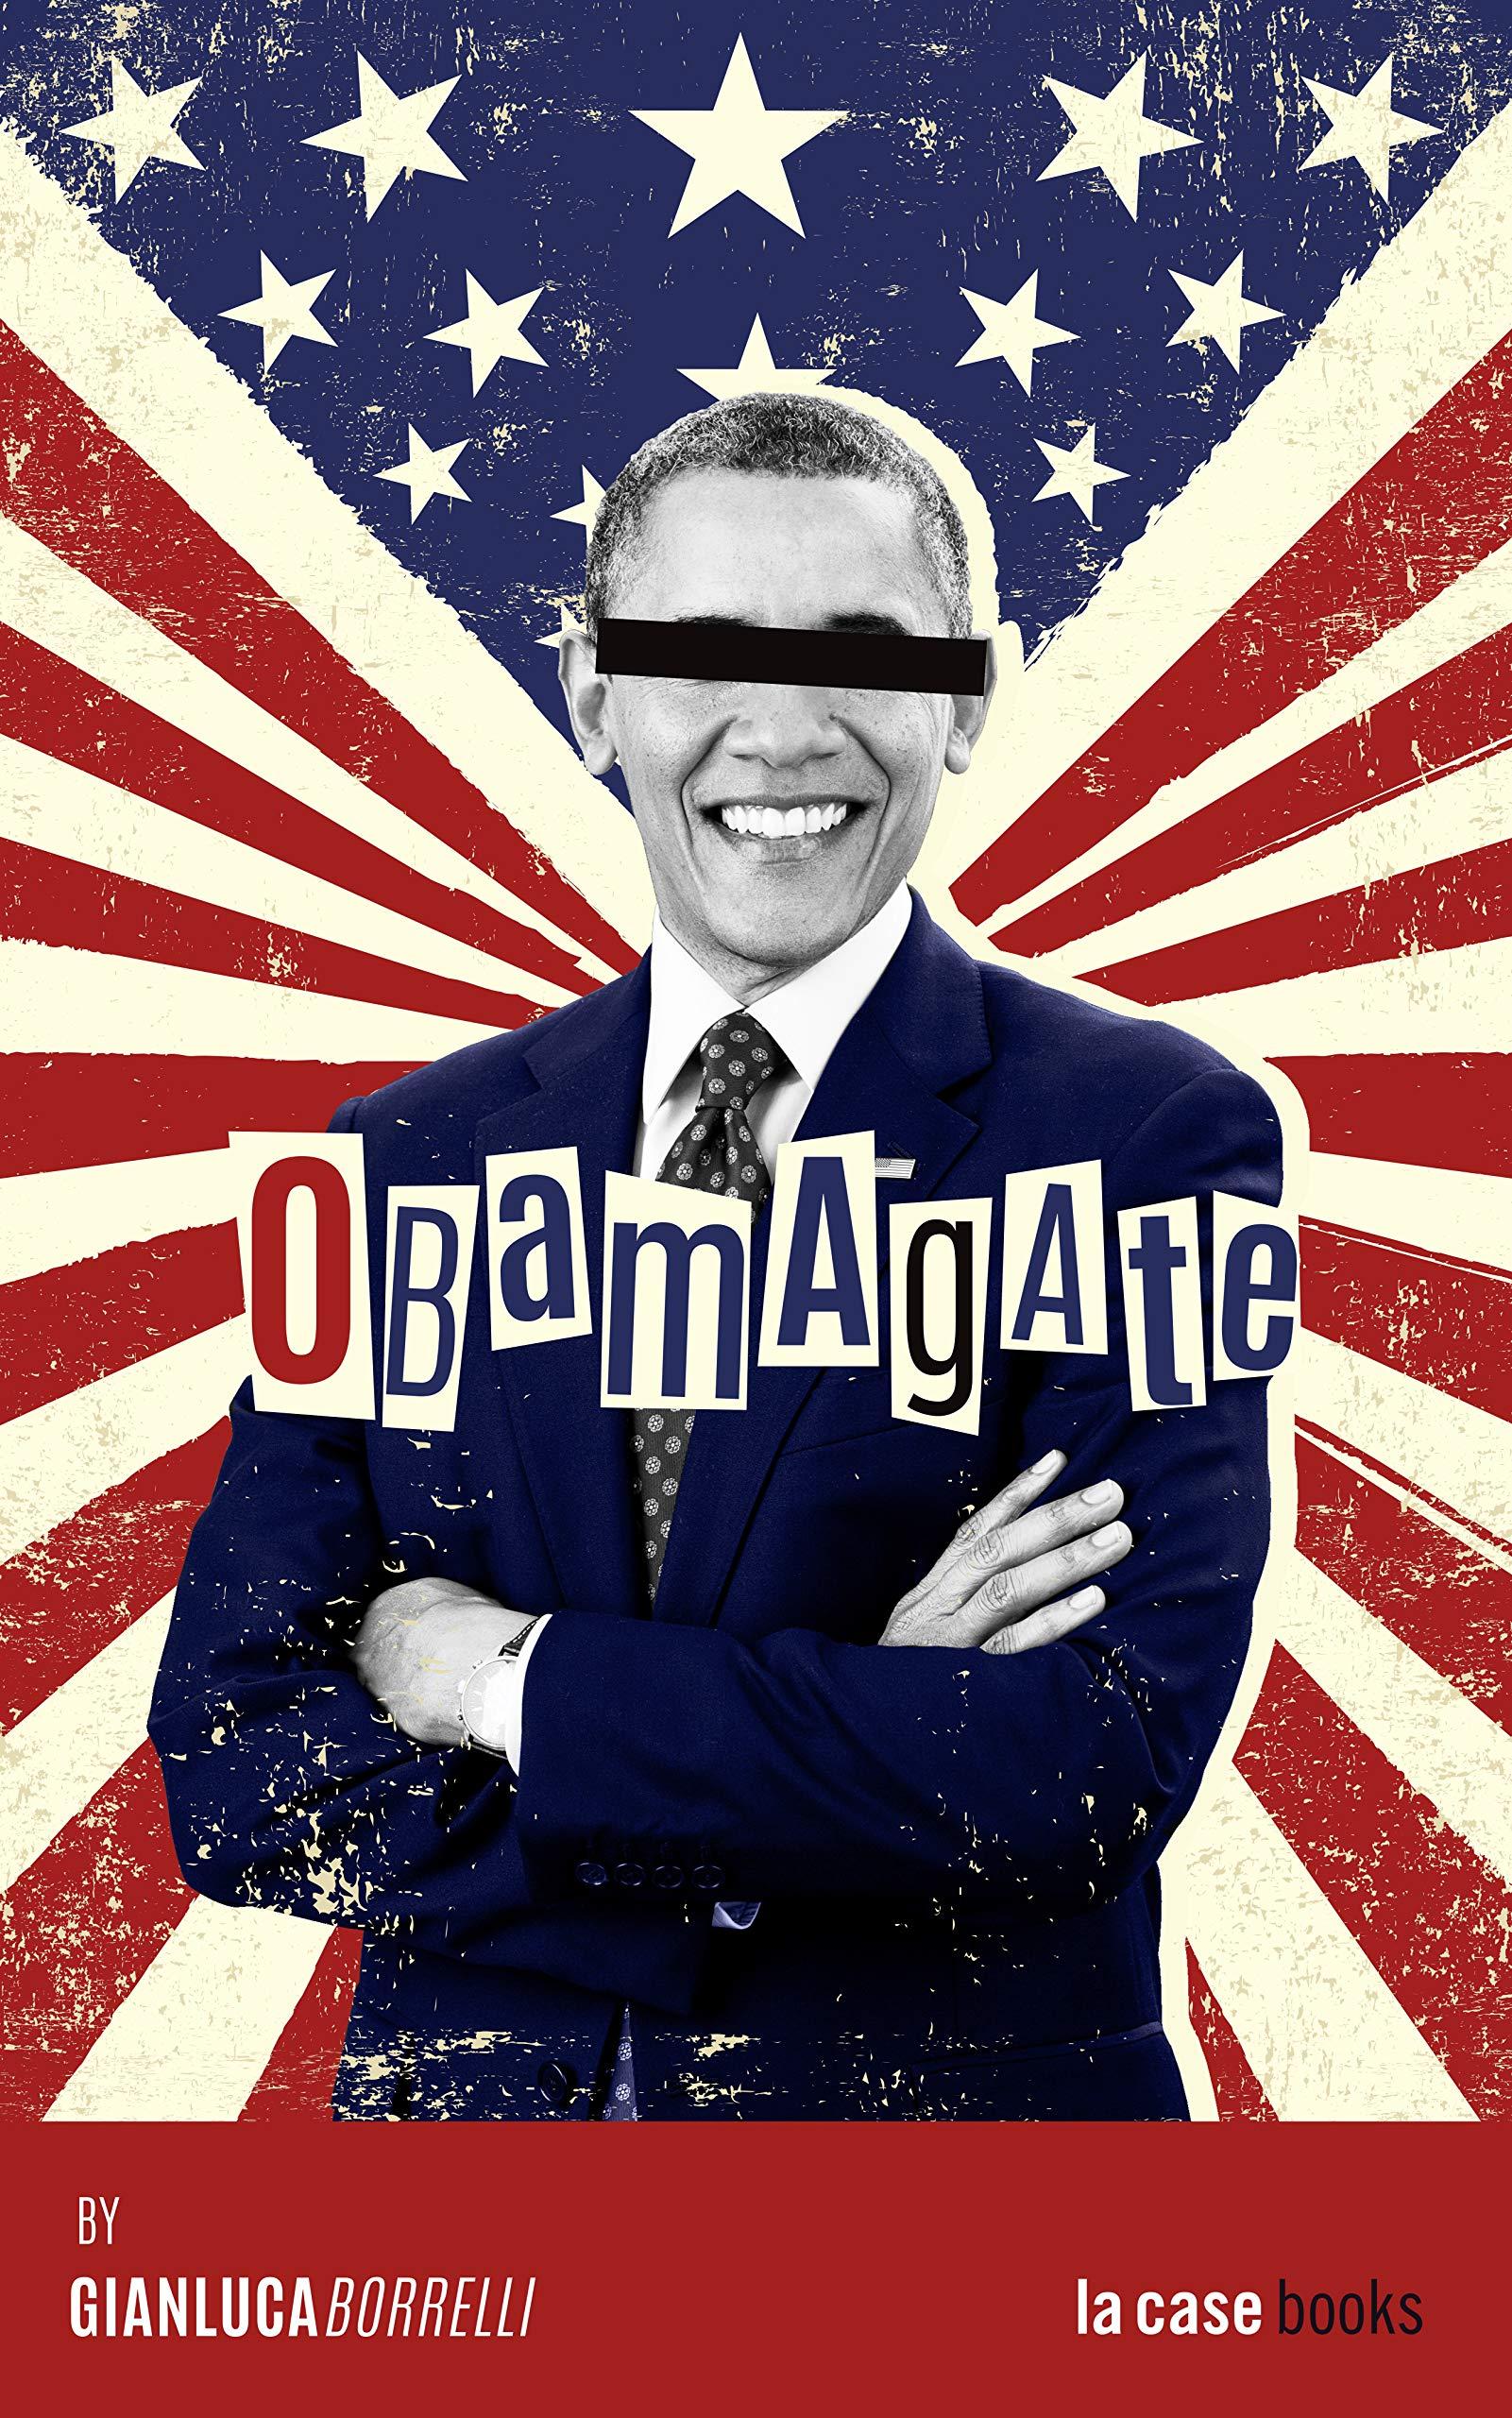 Obamagate: La guerra segreta di Barack Obama contro Donald Trump